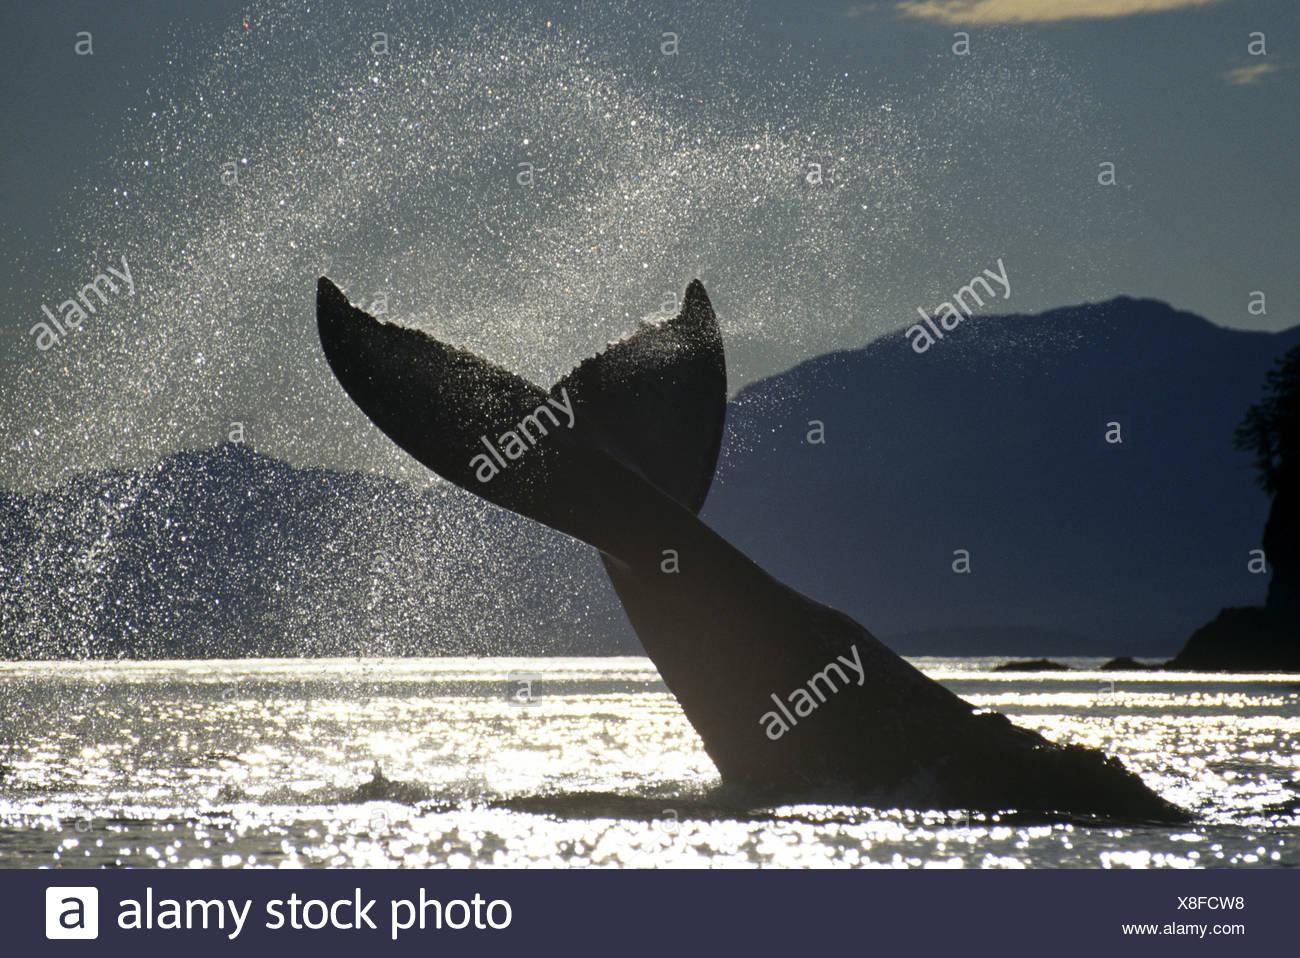 Ballena Jorobada lobtailing, hielo estrechos, sureste de Alaska Imagen De Stock